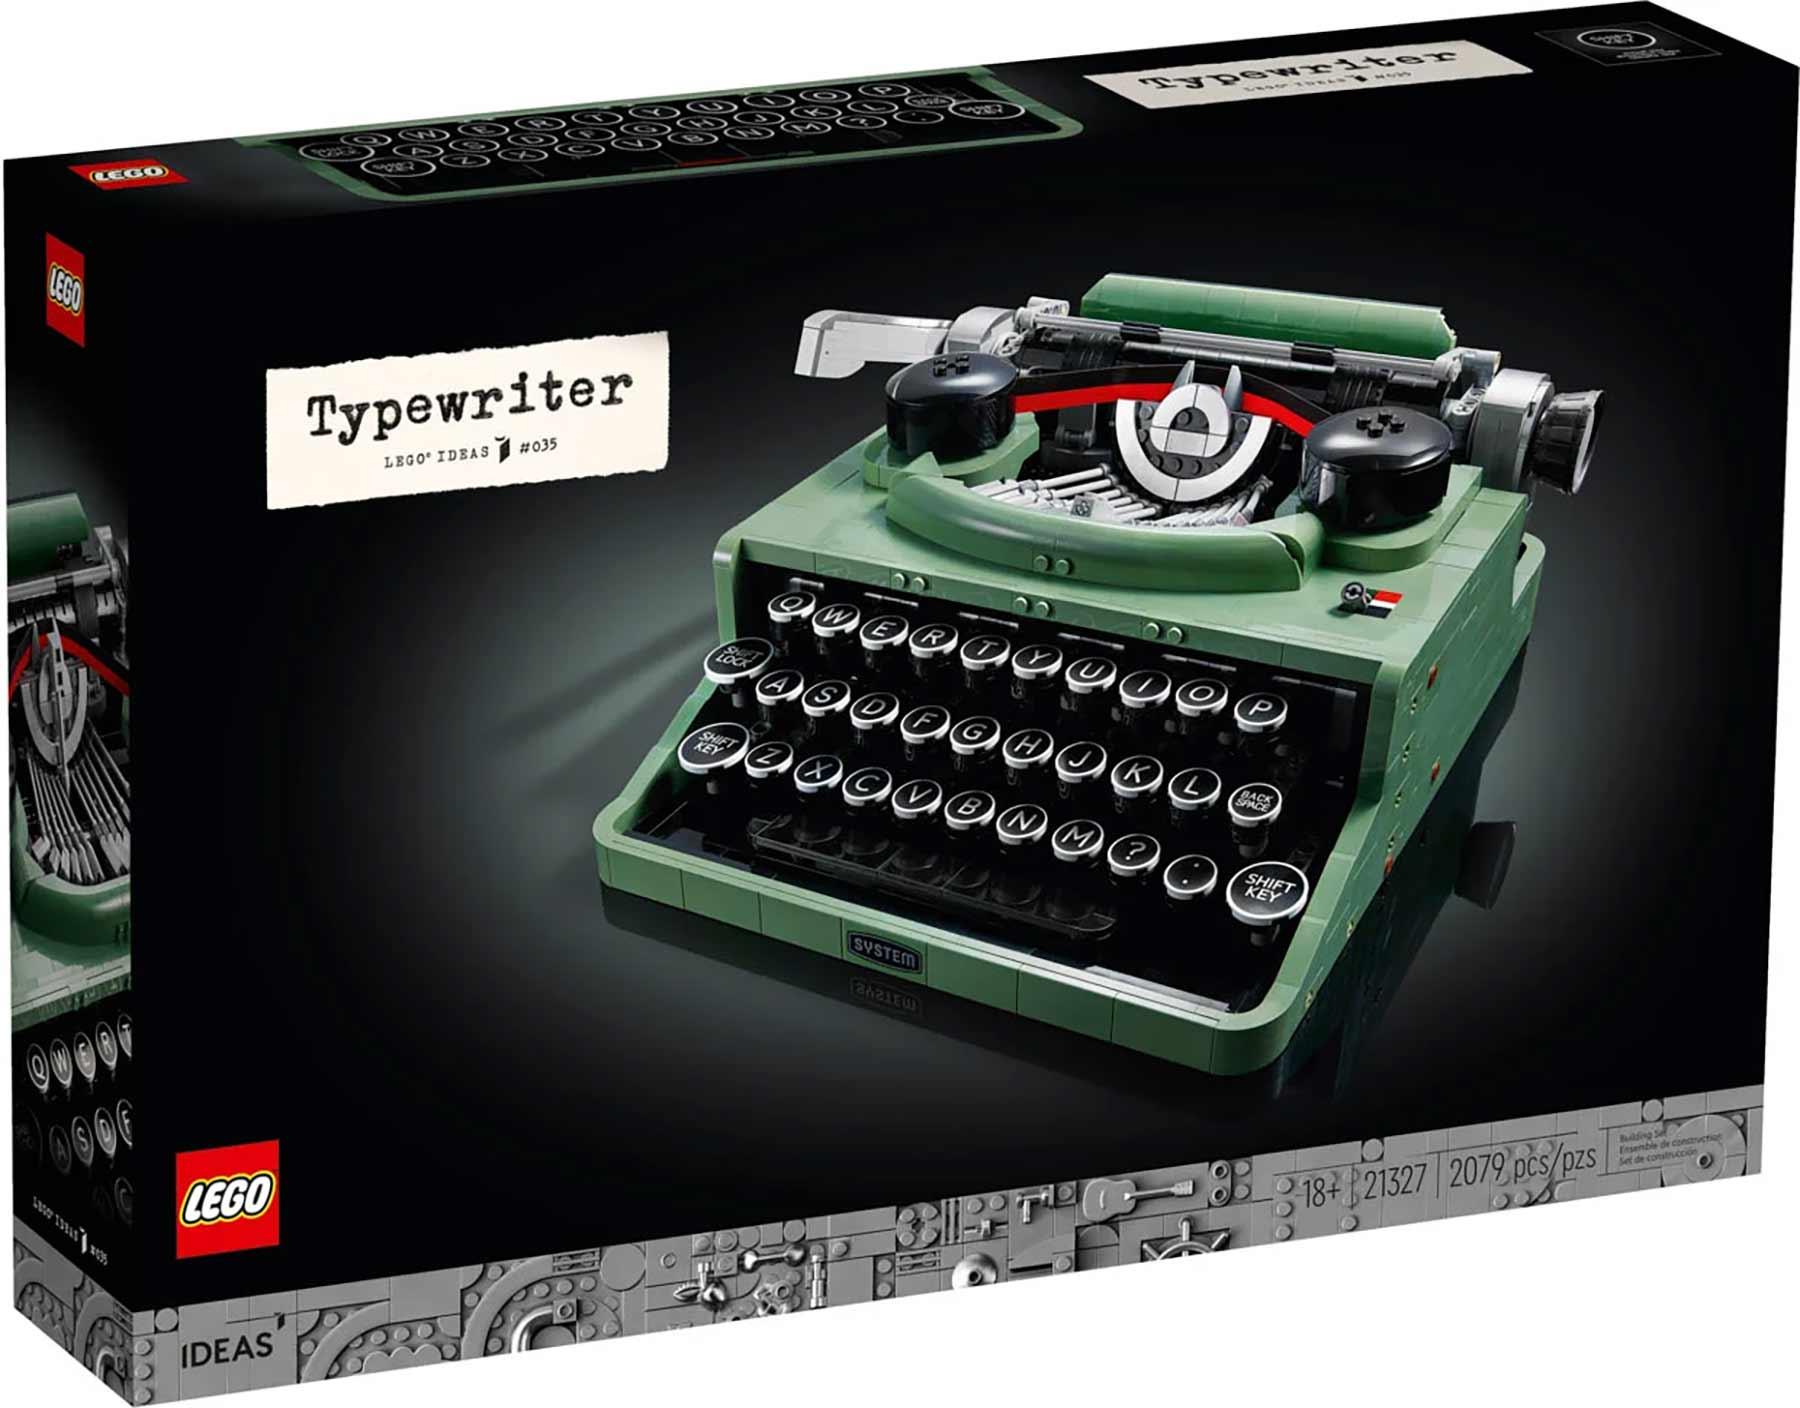 LEGO Schreibmaschine (Set 21327) LEGO-Schreibmaschine_04